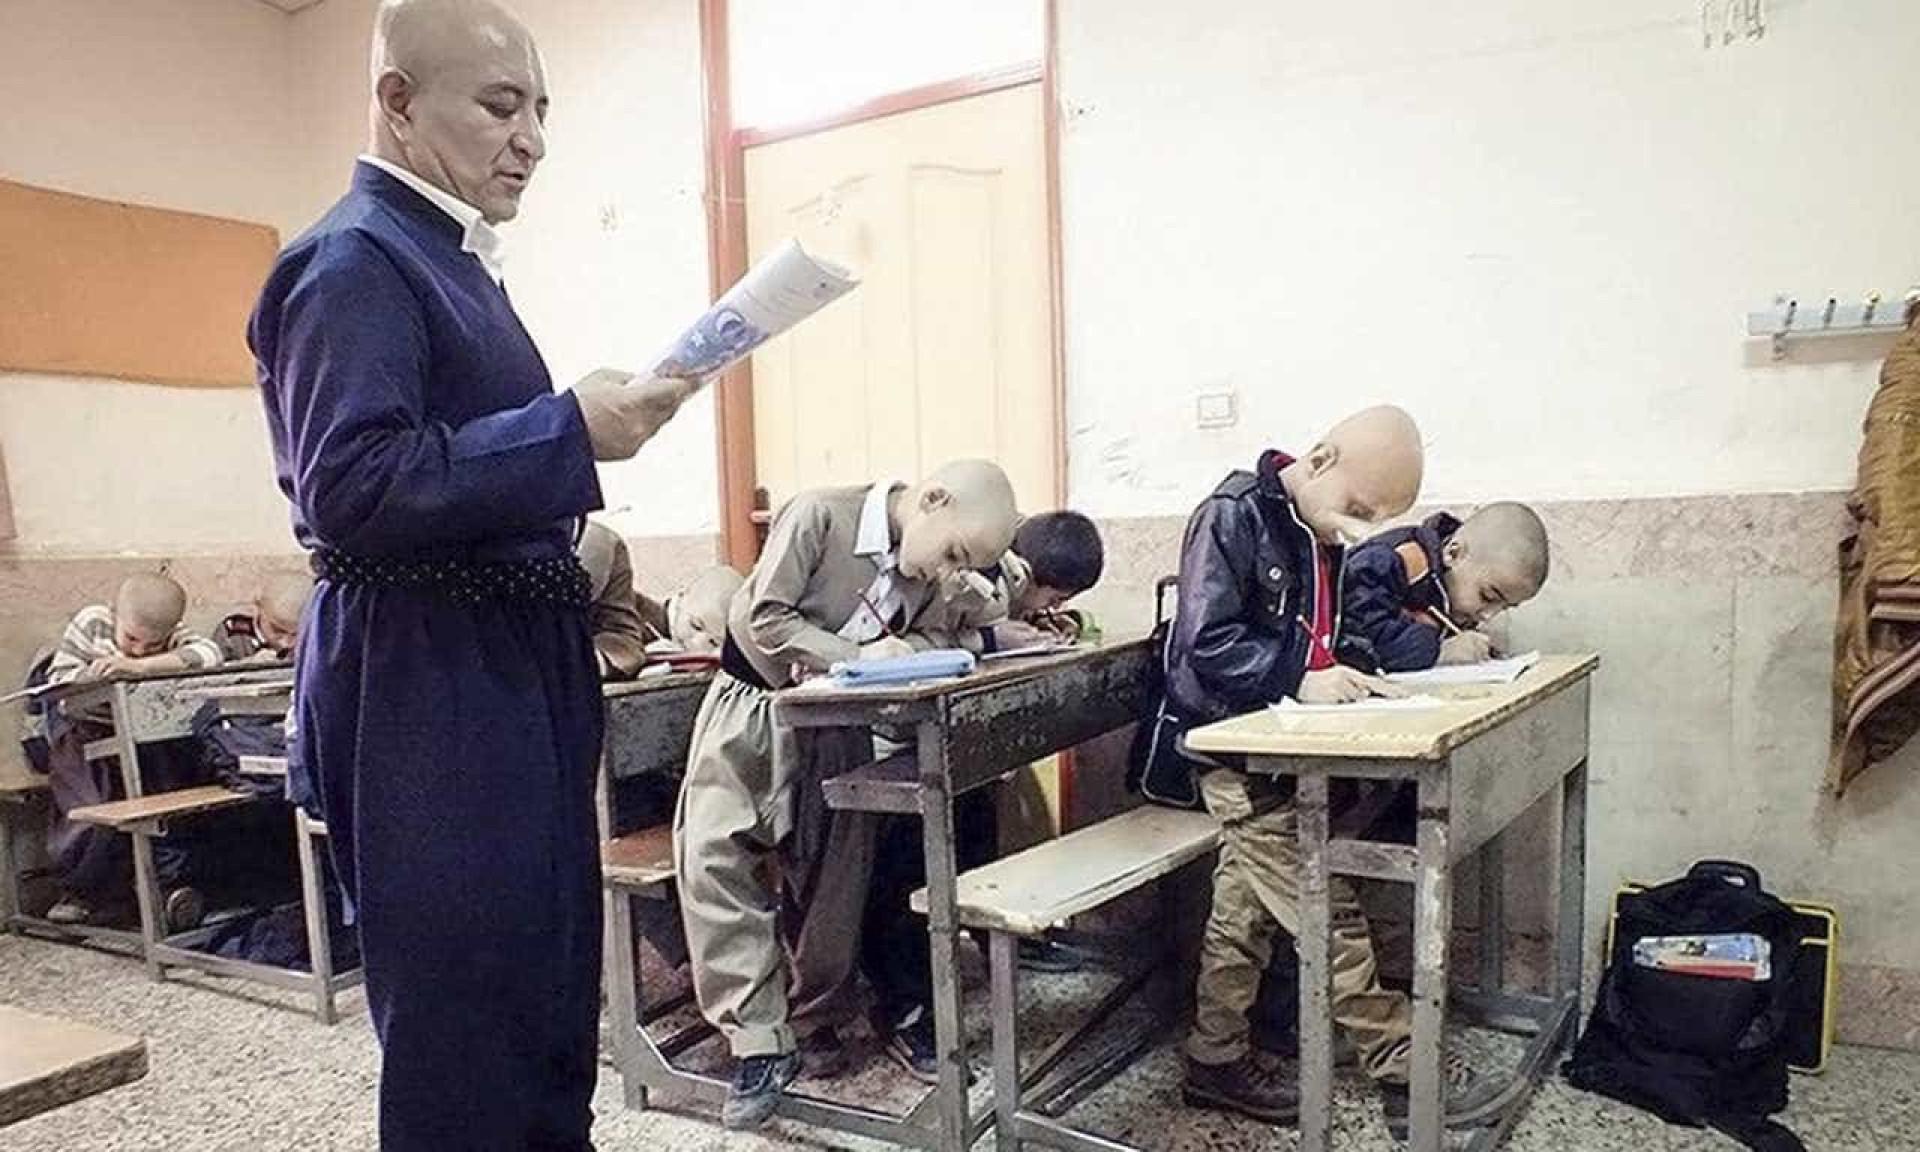 Professor rapa cabelo para evitar que aluno sofra de bullying